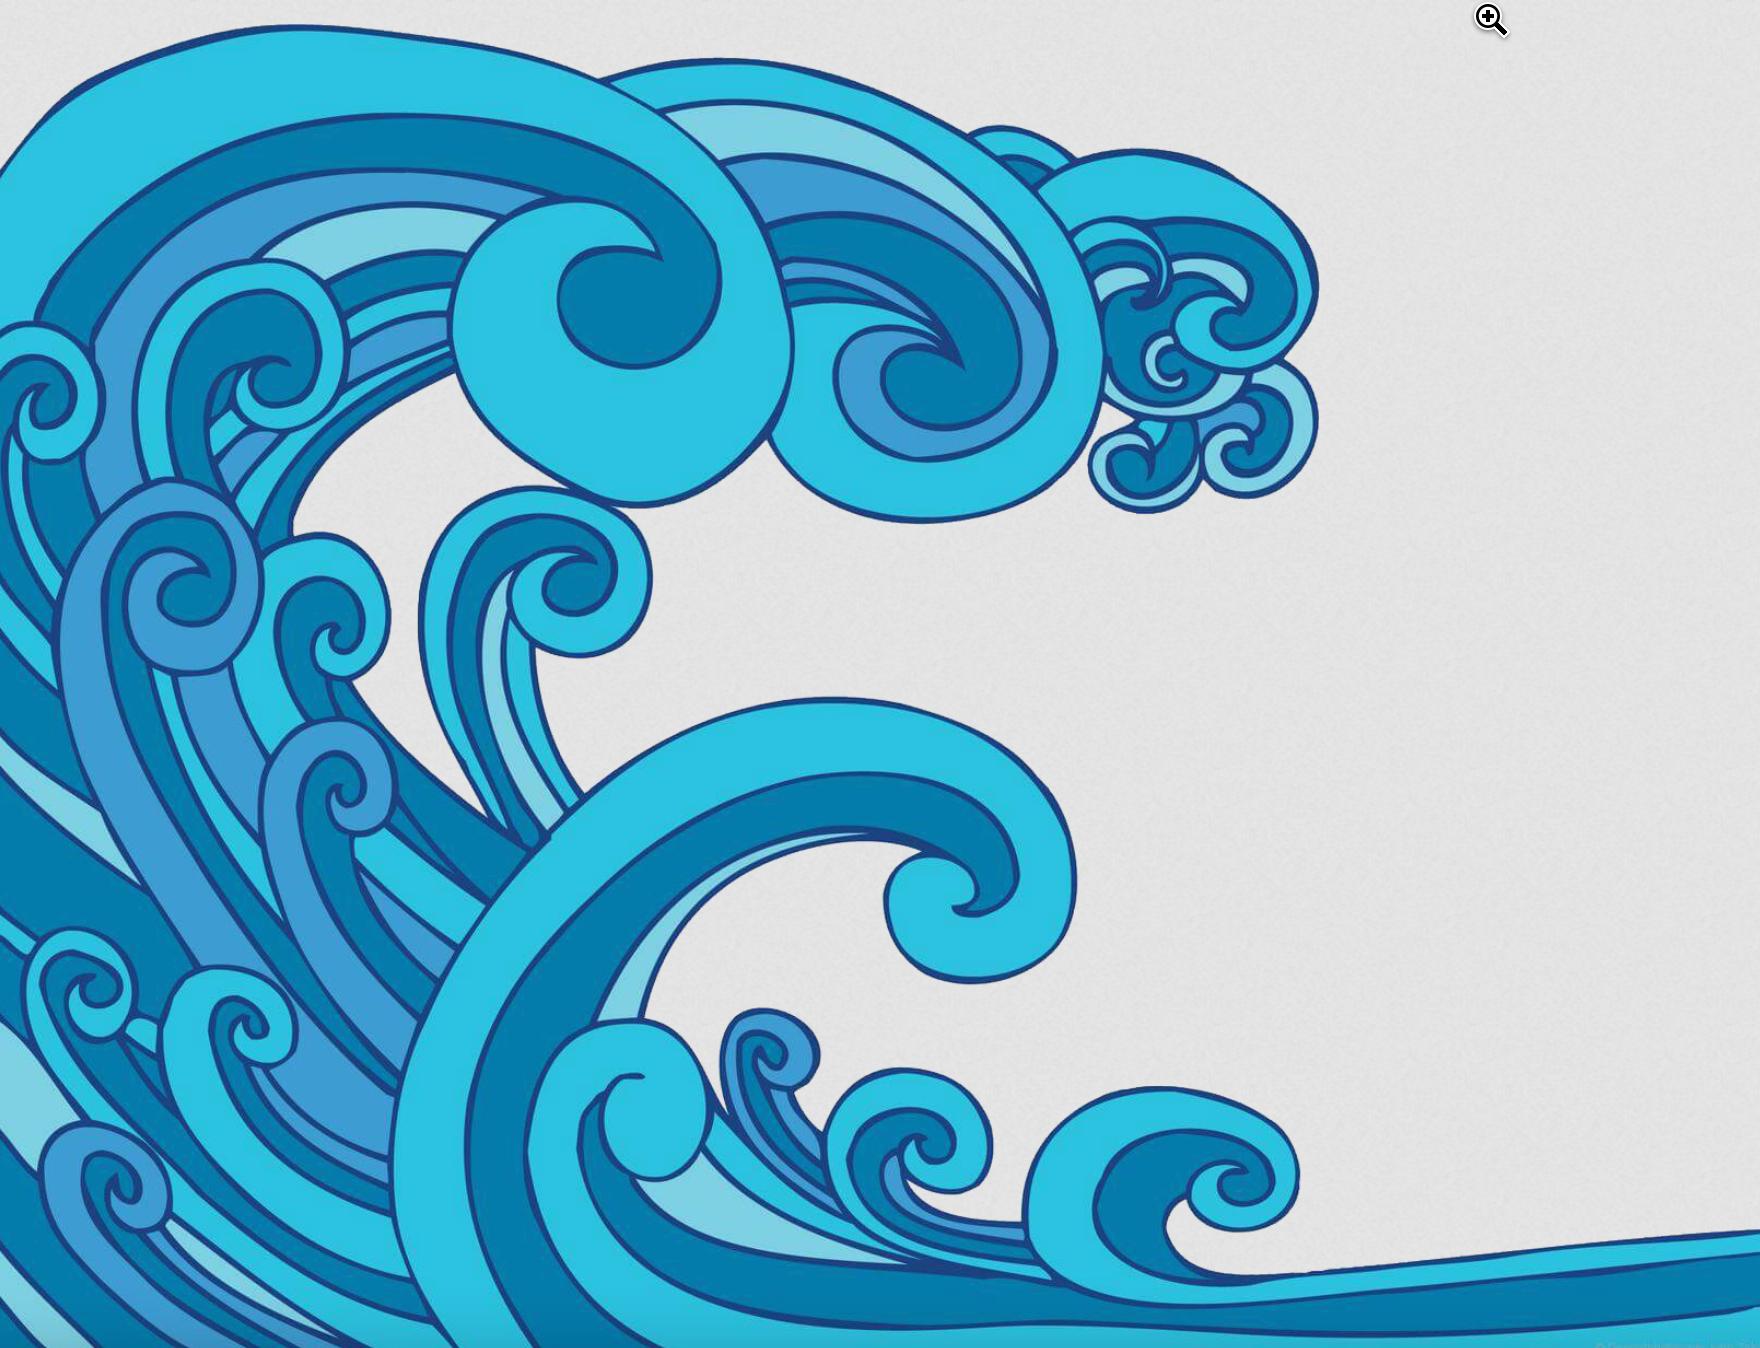 tsunami-wave-cartoon